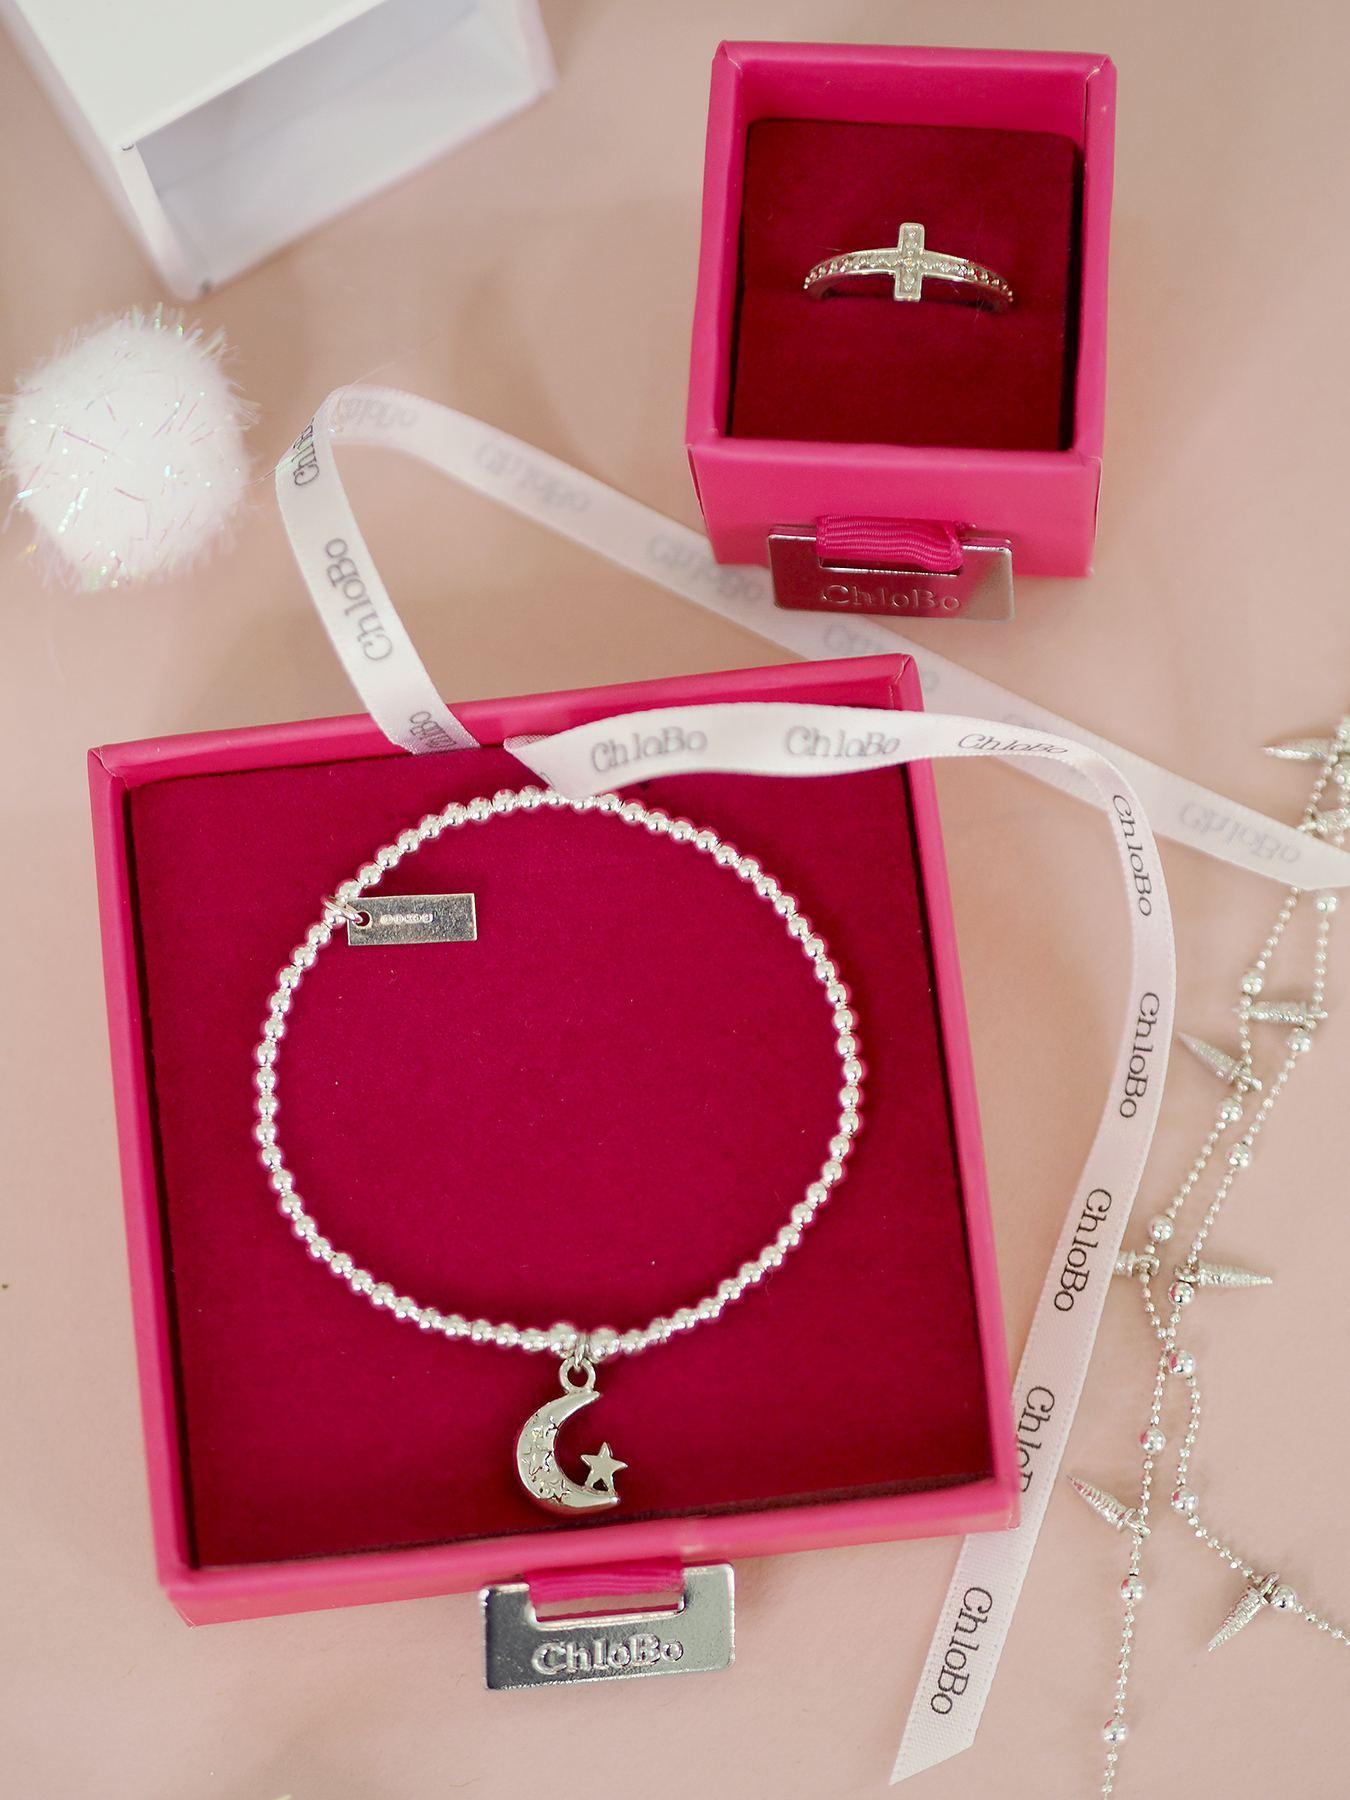 Chlo Bo jewellery